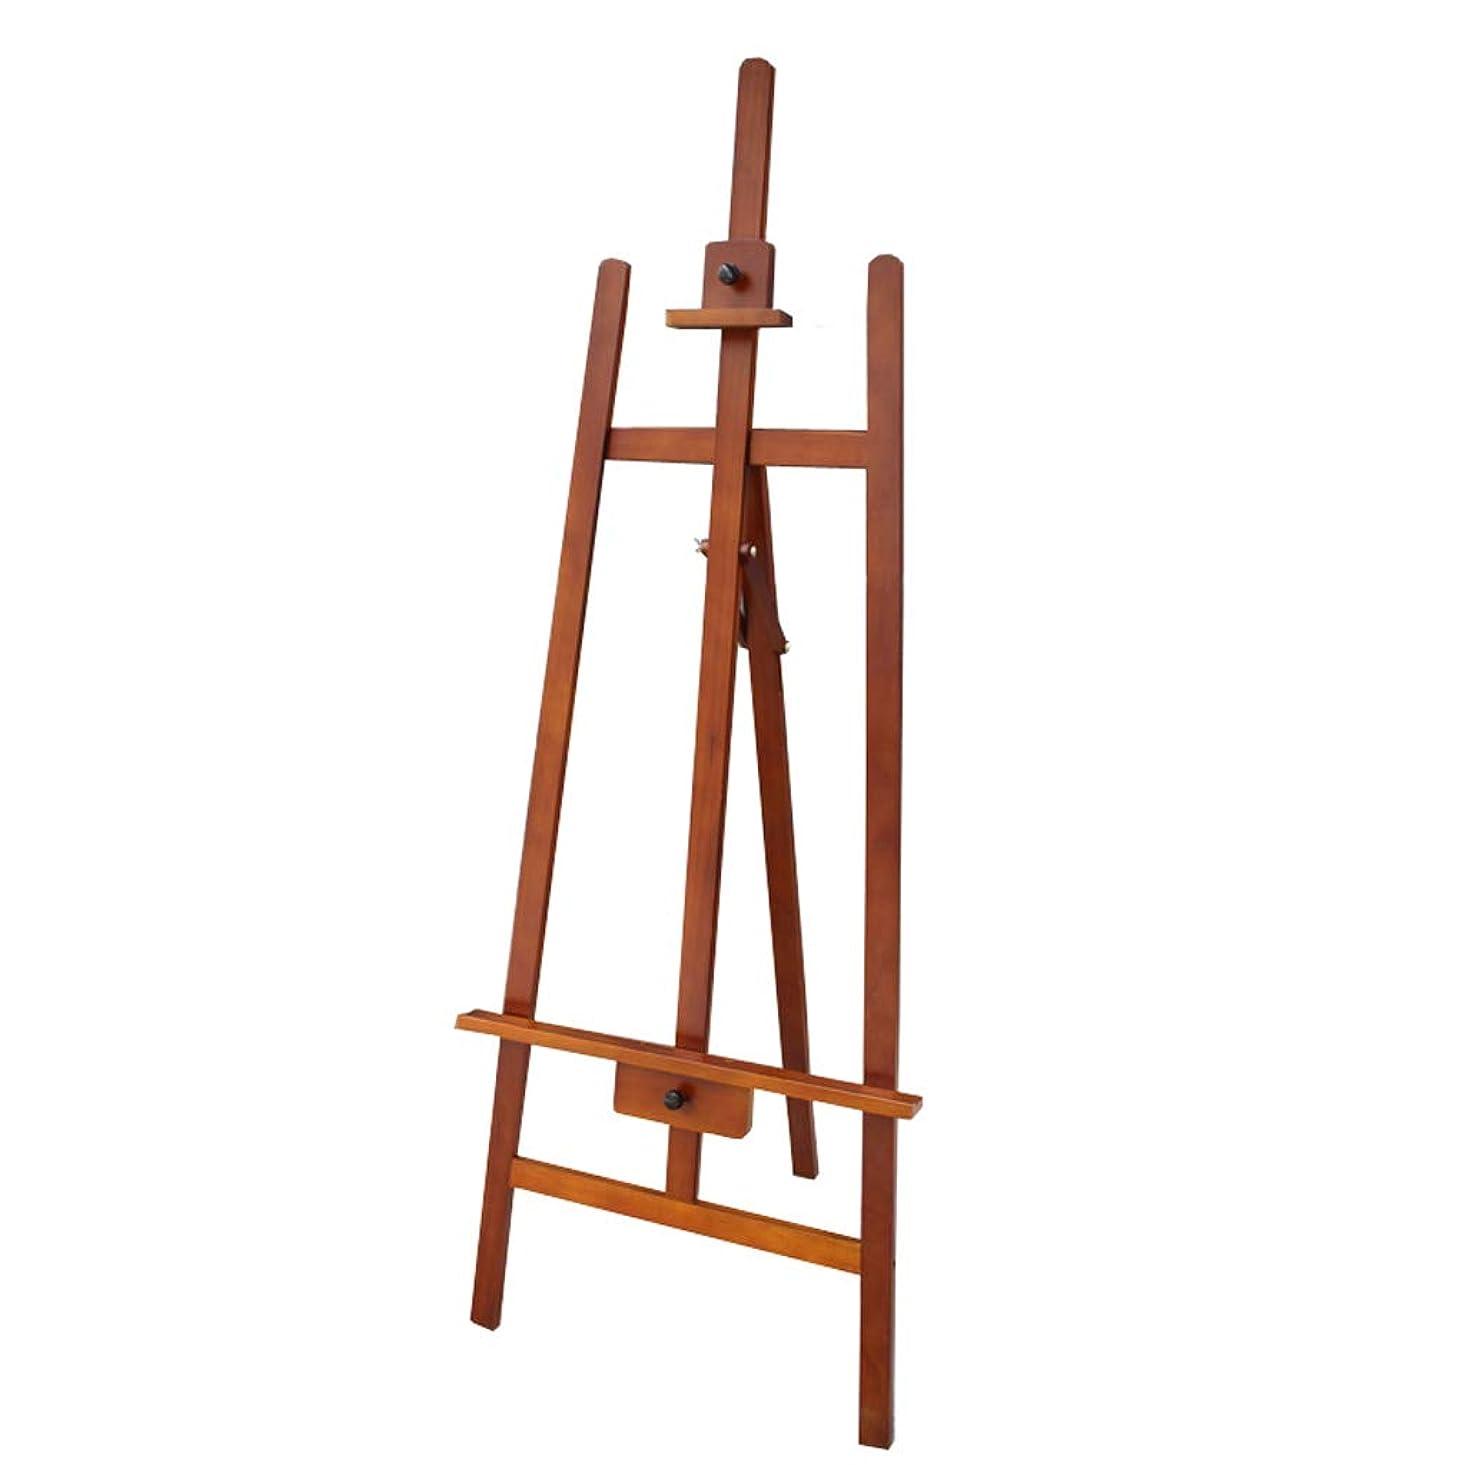 日の出ロッドストリップ純木の調節可能なイーゼル、学生はスケッチに出かけます、芸術の陳列台は166cmの高さです、2色は任意です JSSFQK (色 : Red maroon)